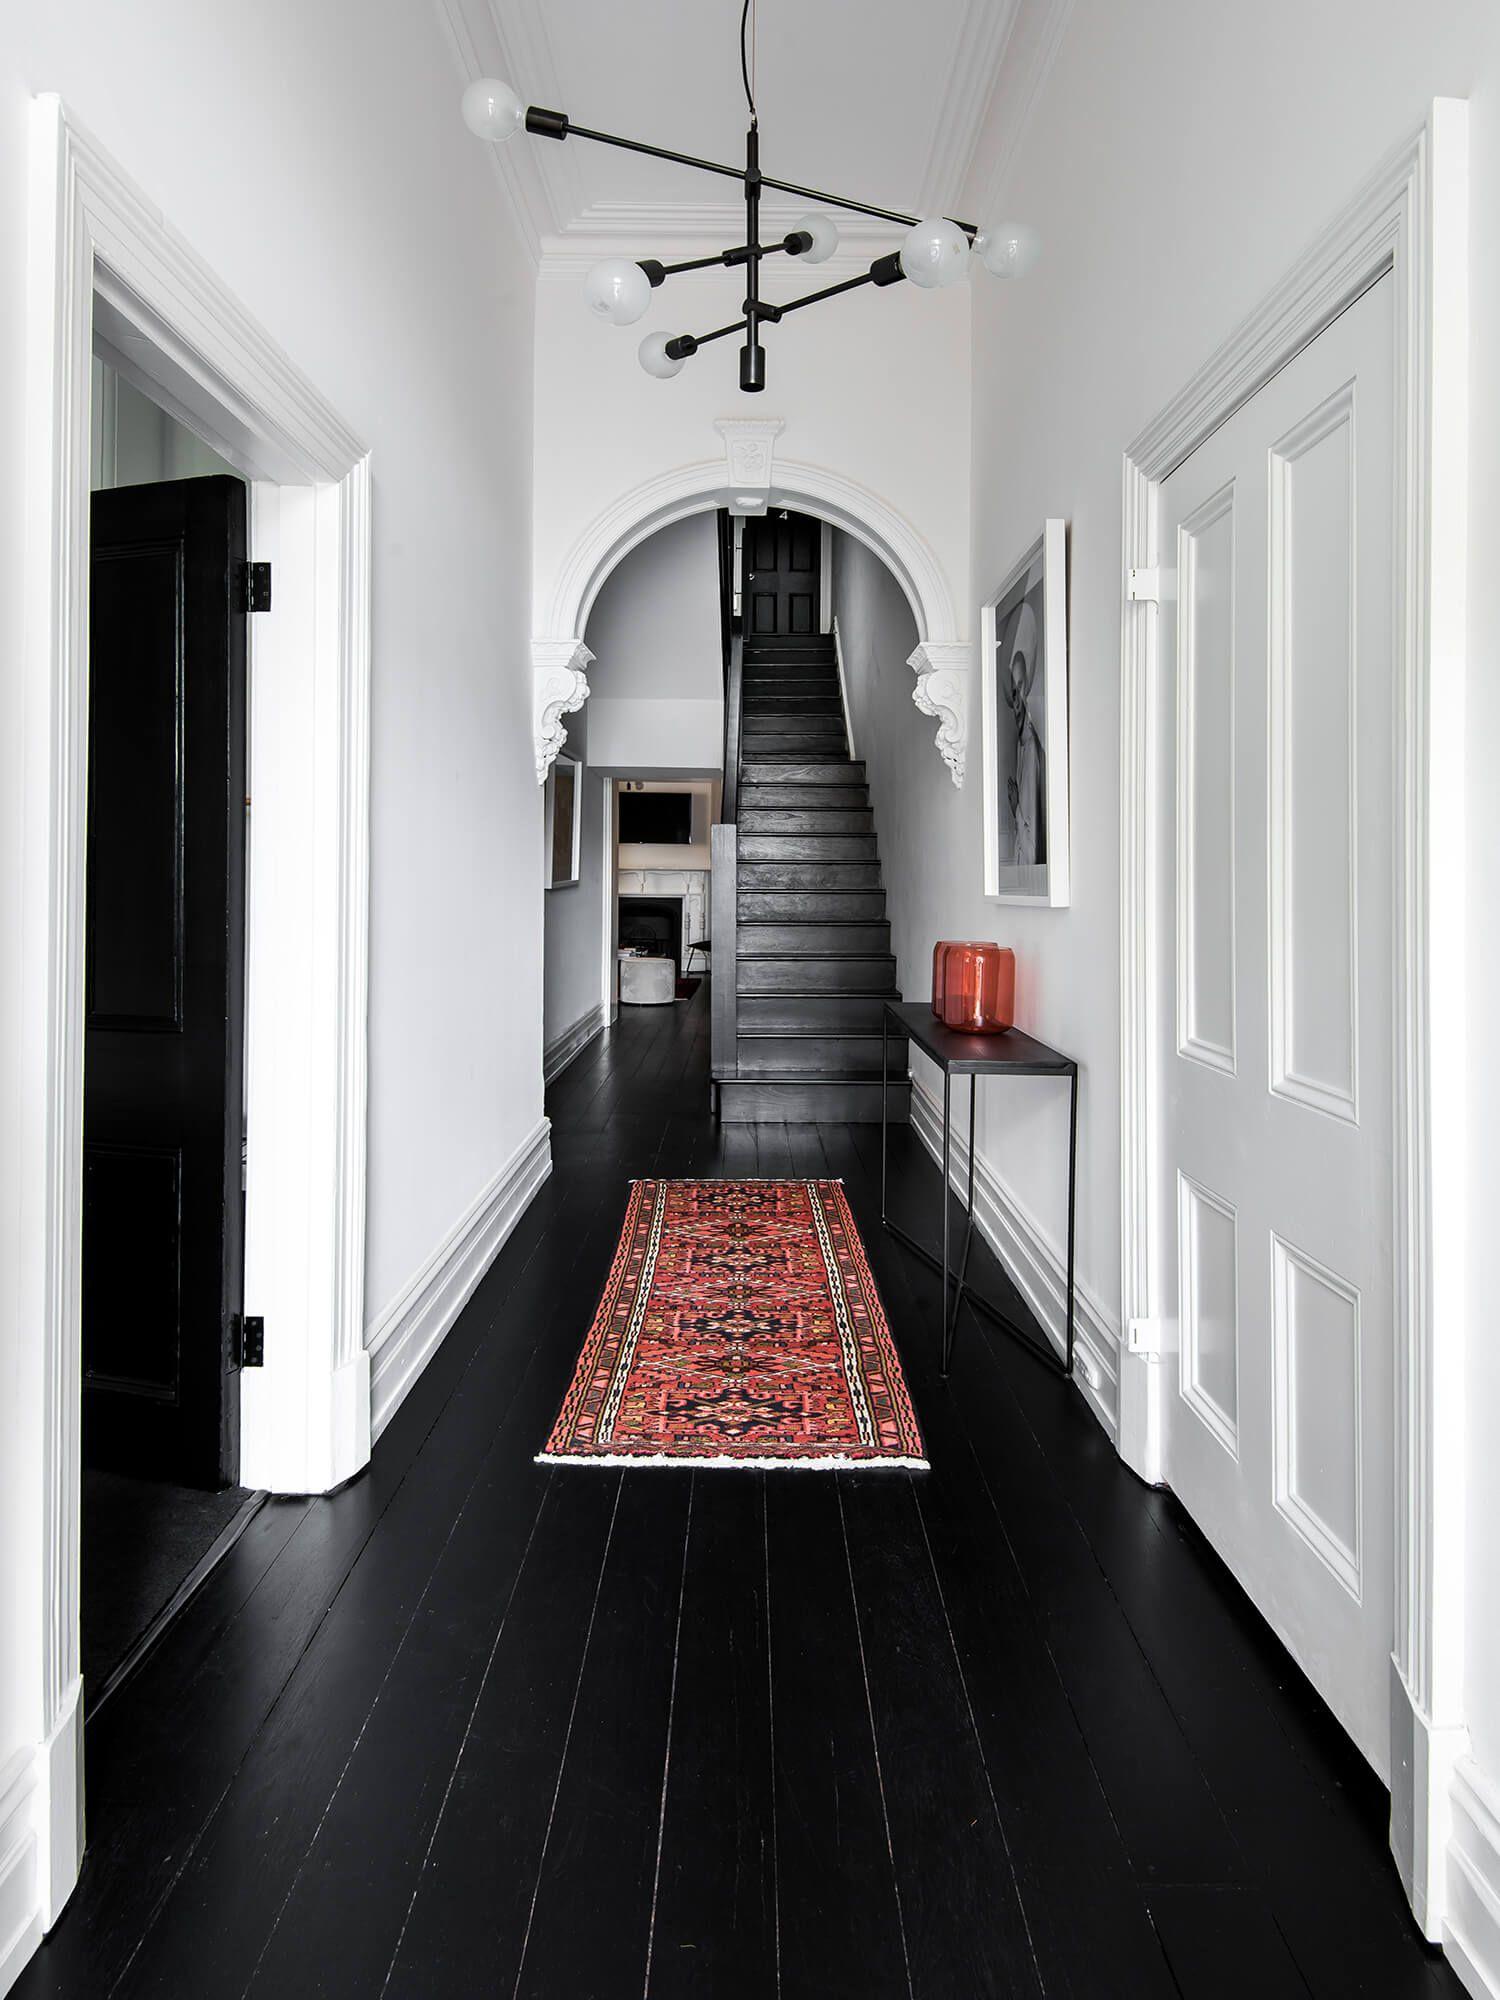 How To Hide Bad Rental Floors Five Ways Black Wood Floors